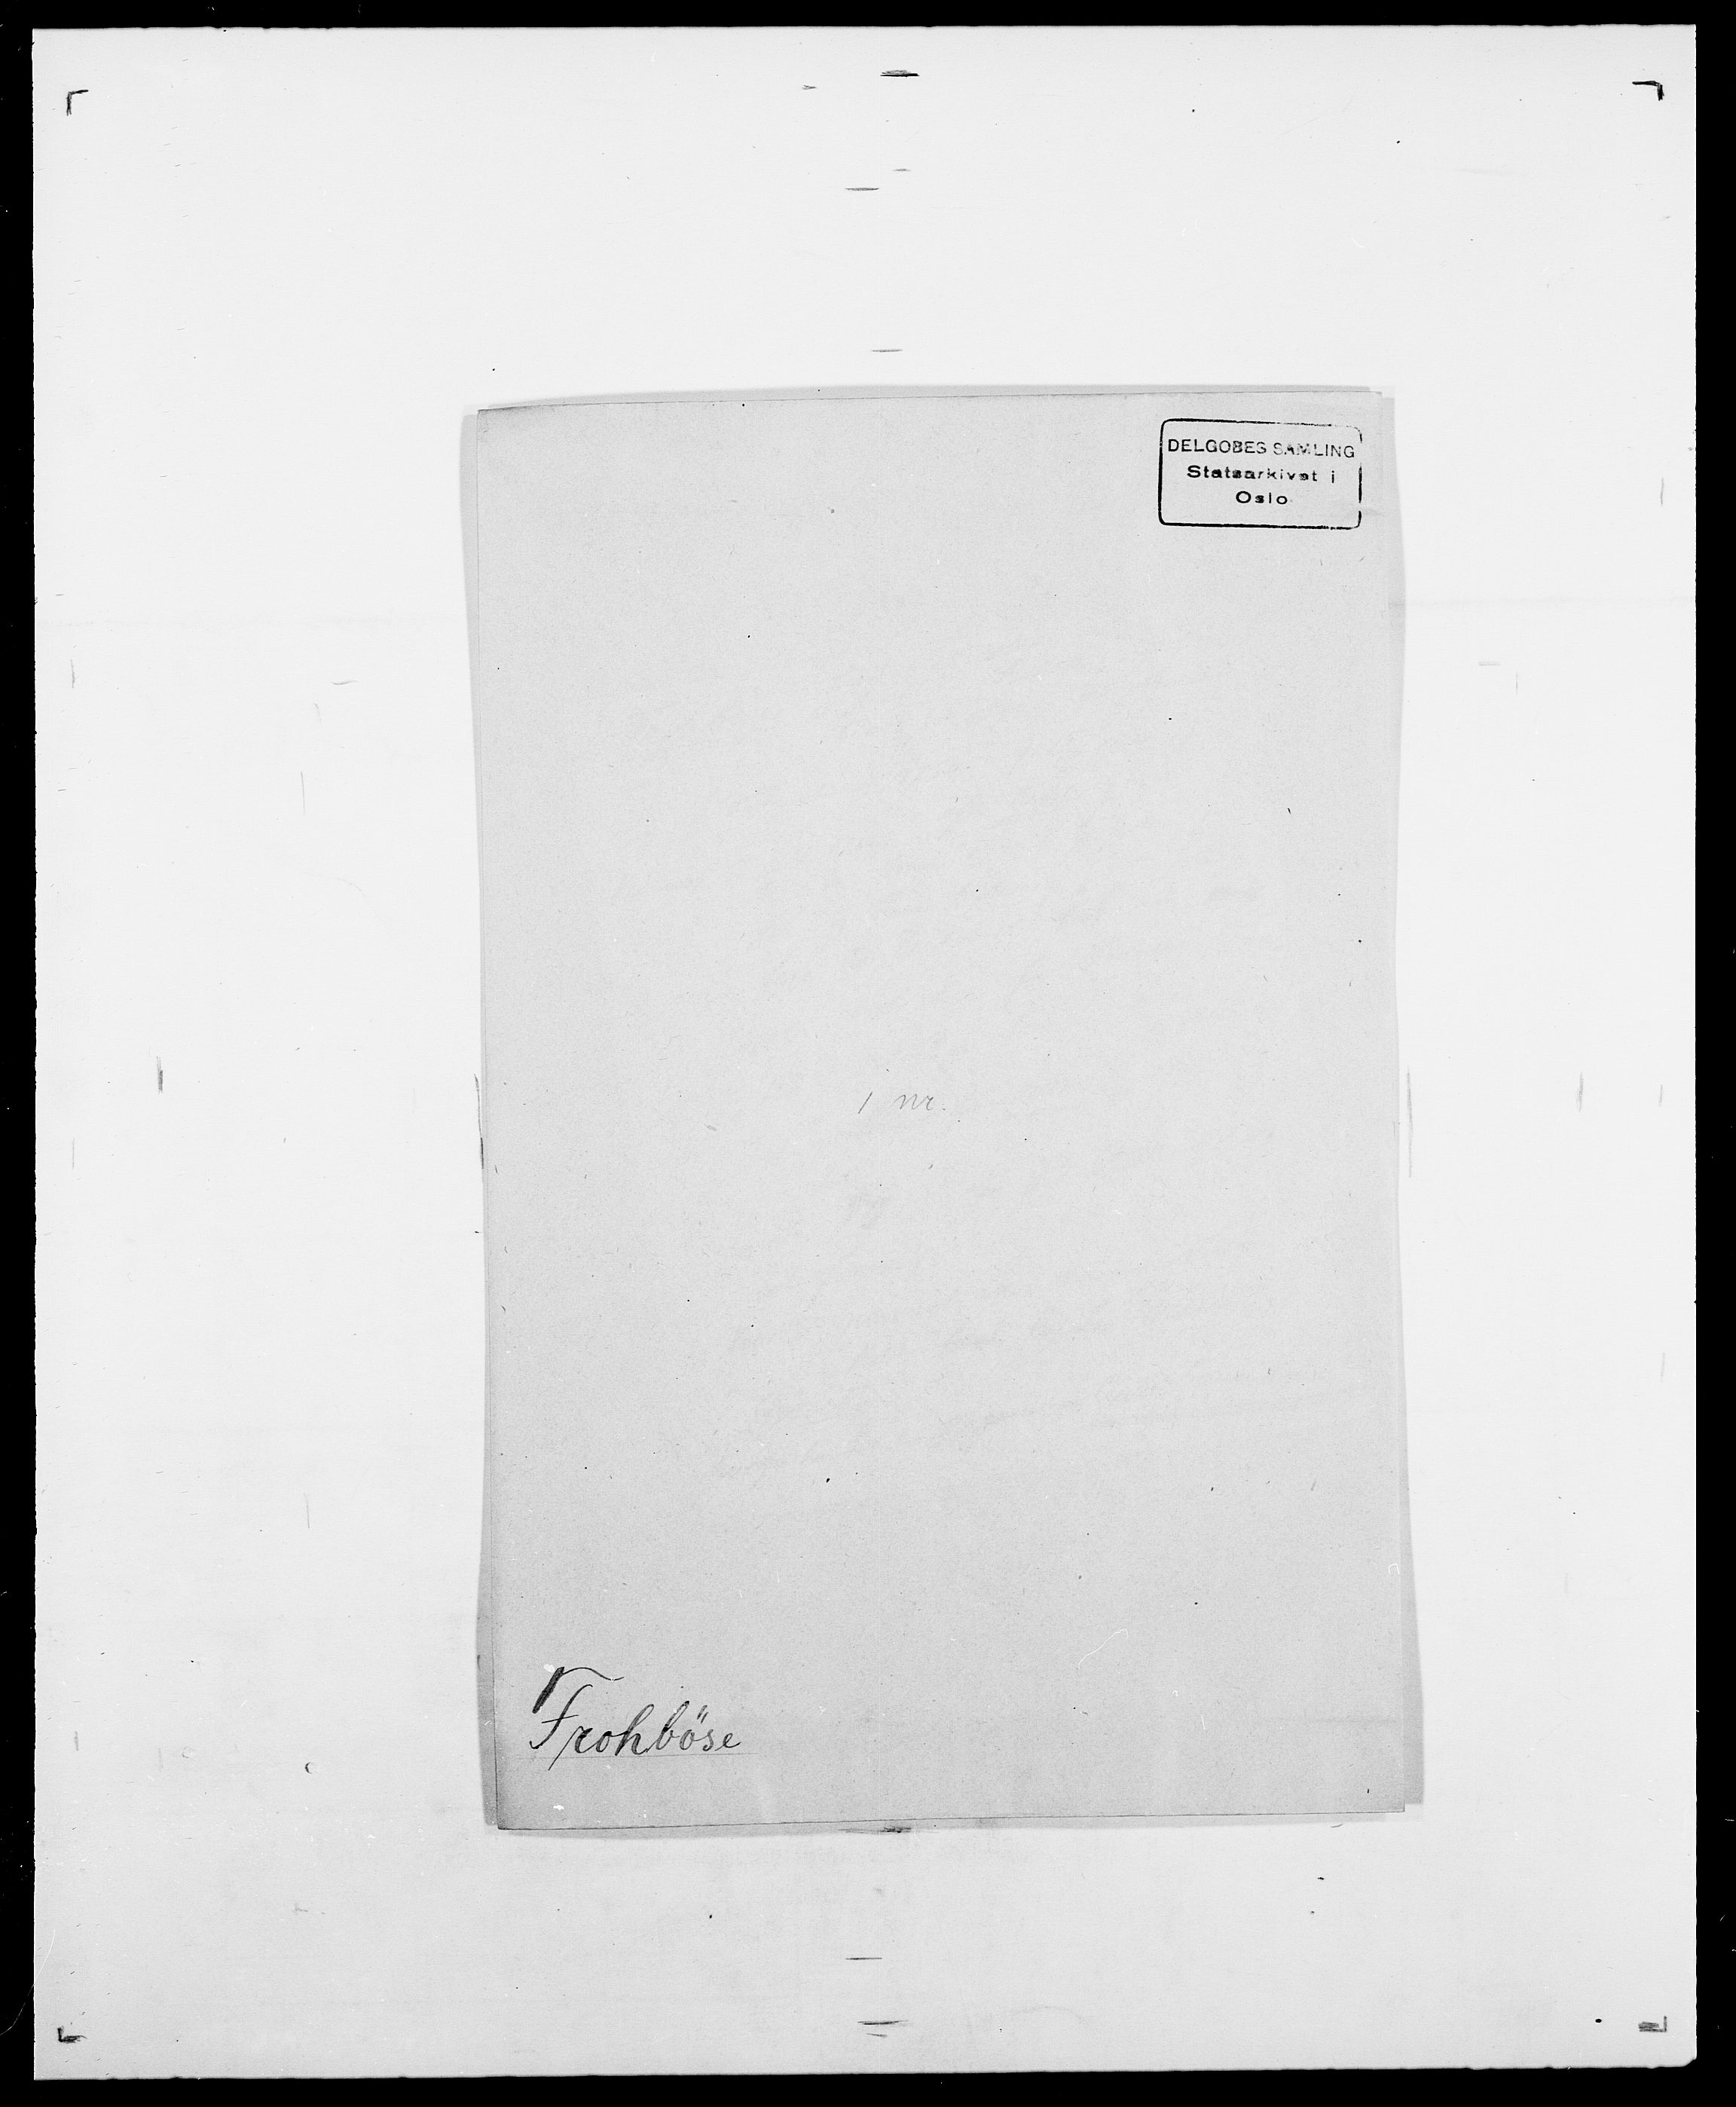 SAO, Delgobe, Charles Antoine - samling, D/Da/L0013: Forbos - Geving, s. 5